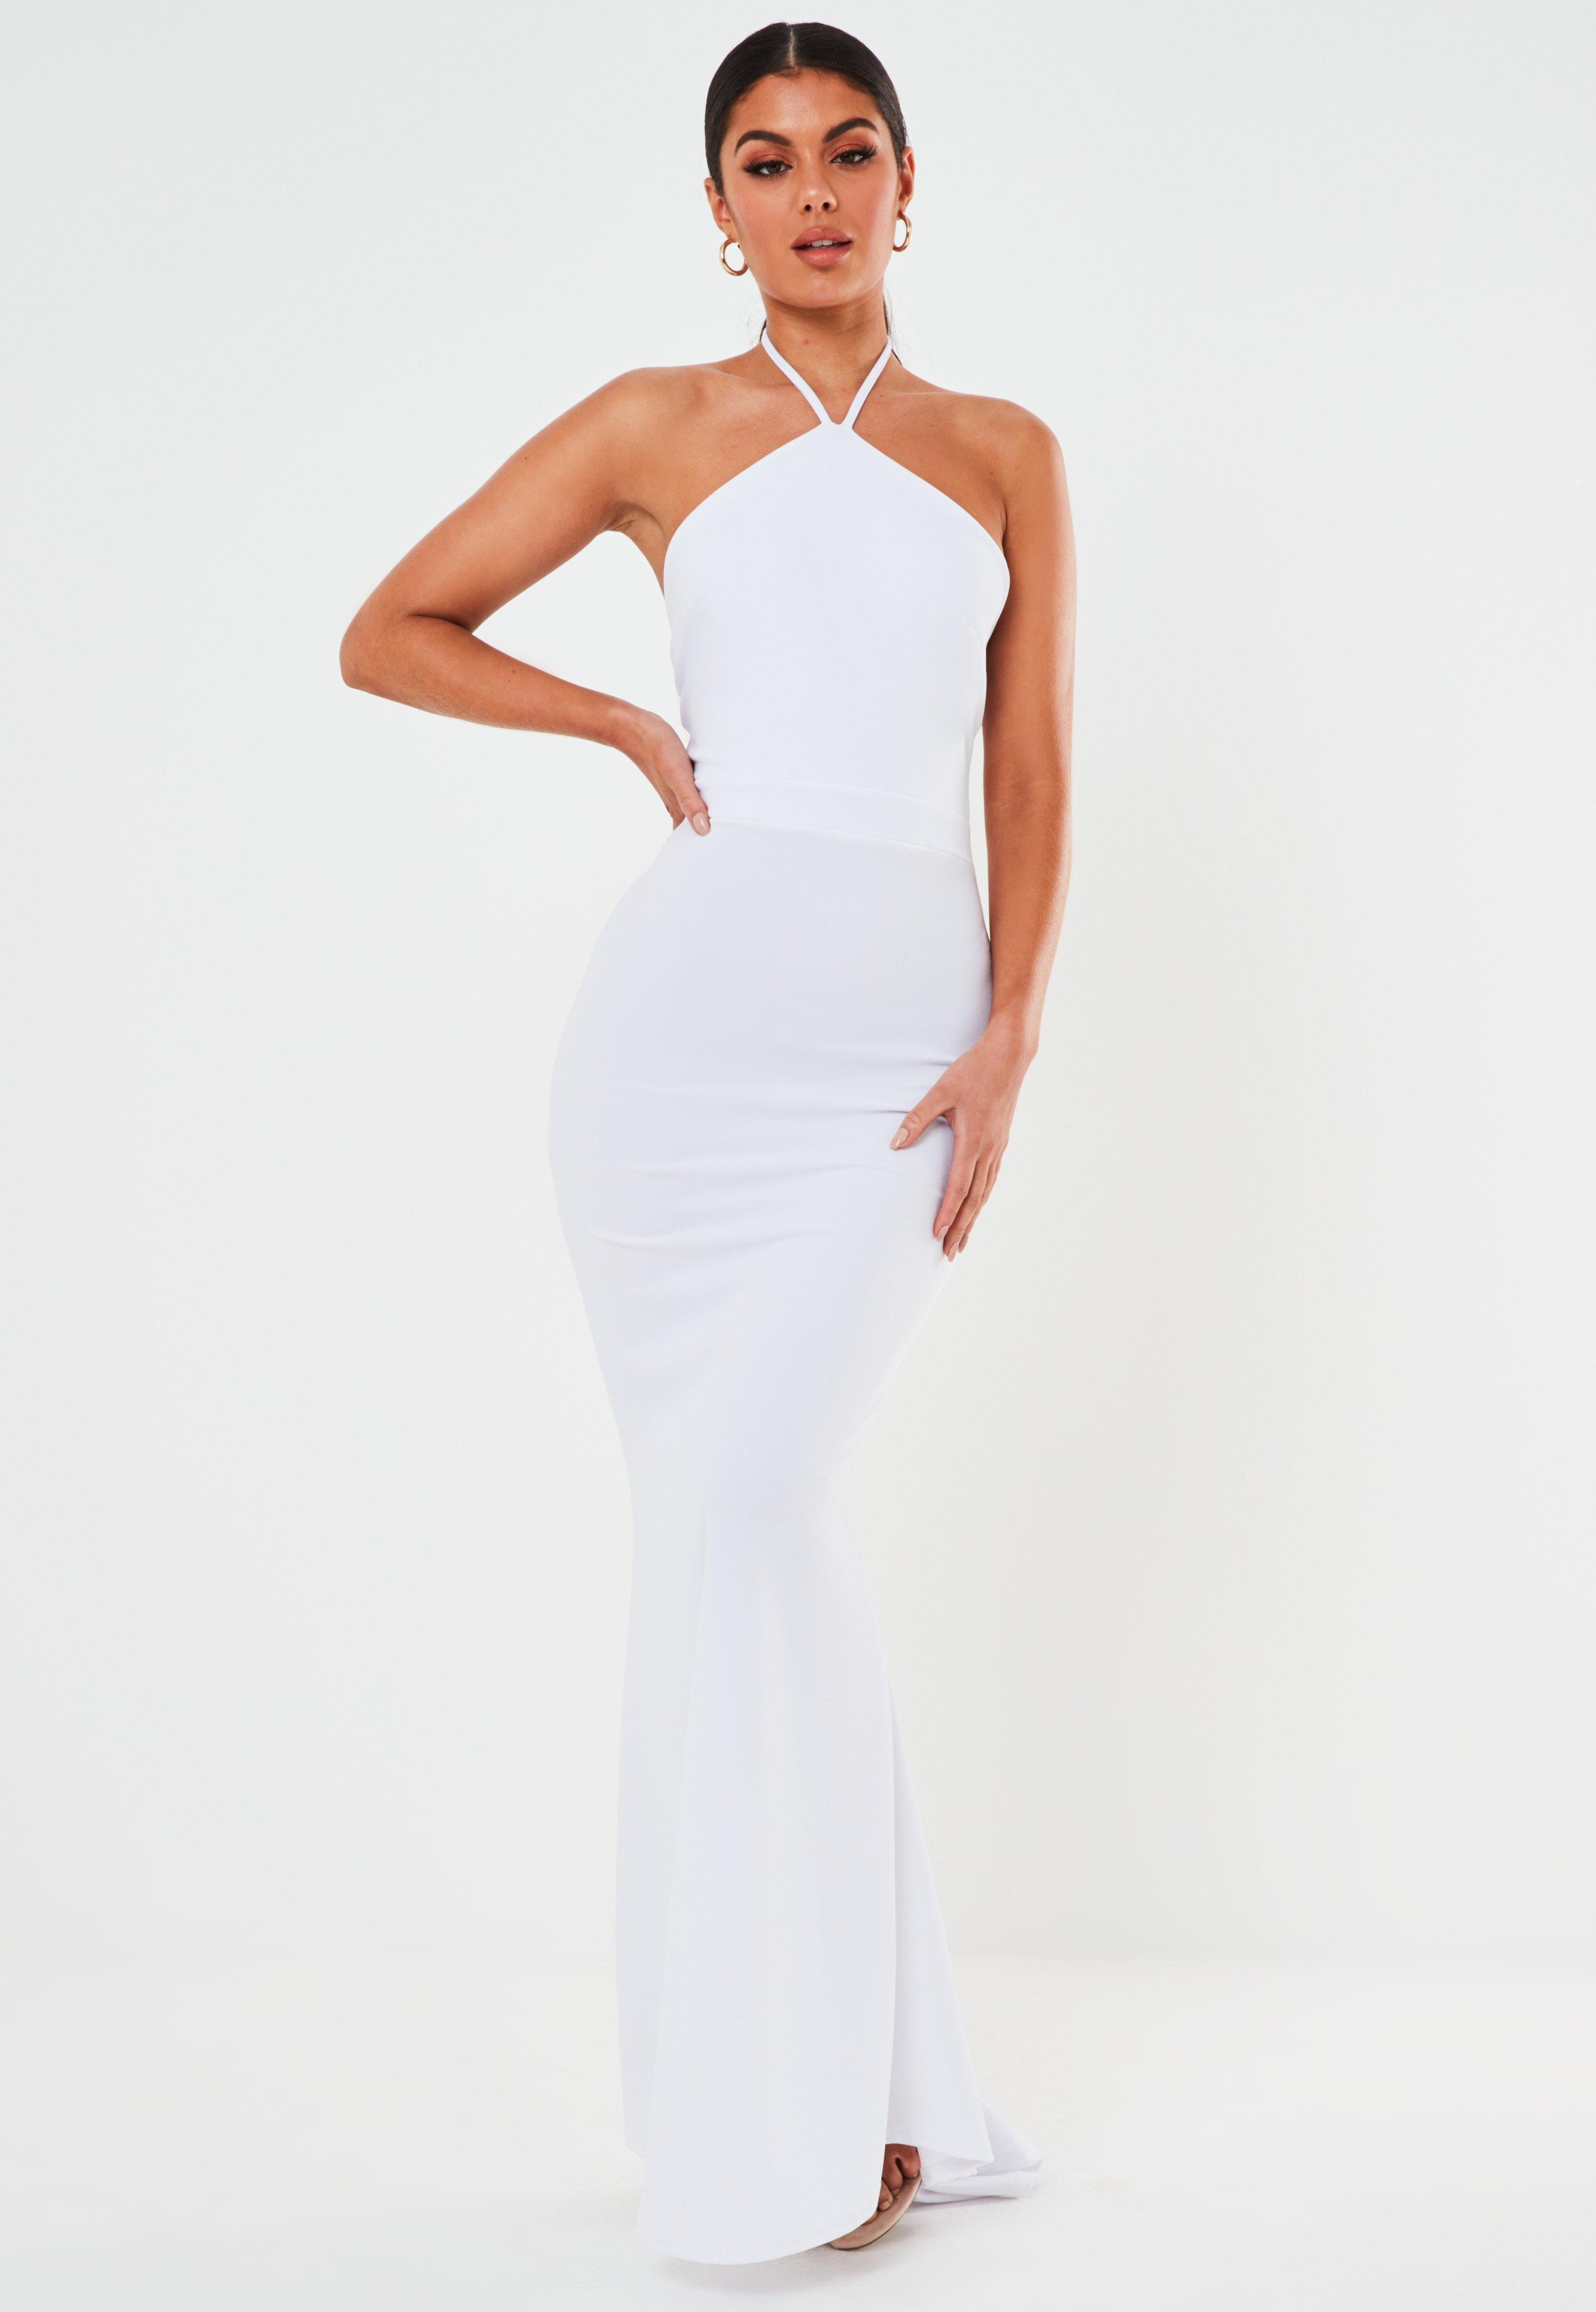 white halter neck dress off 18   medpharmres.com